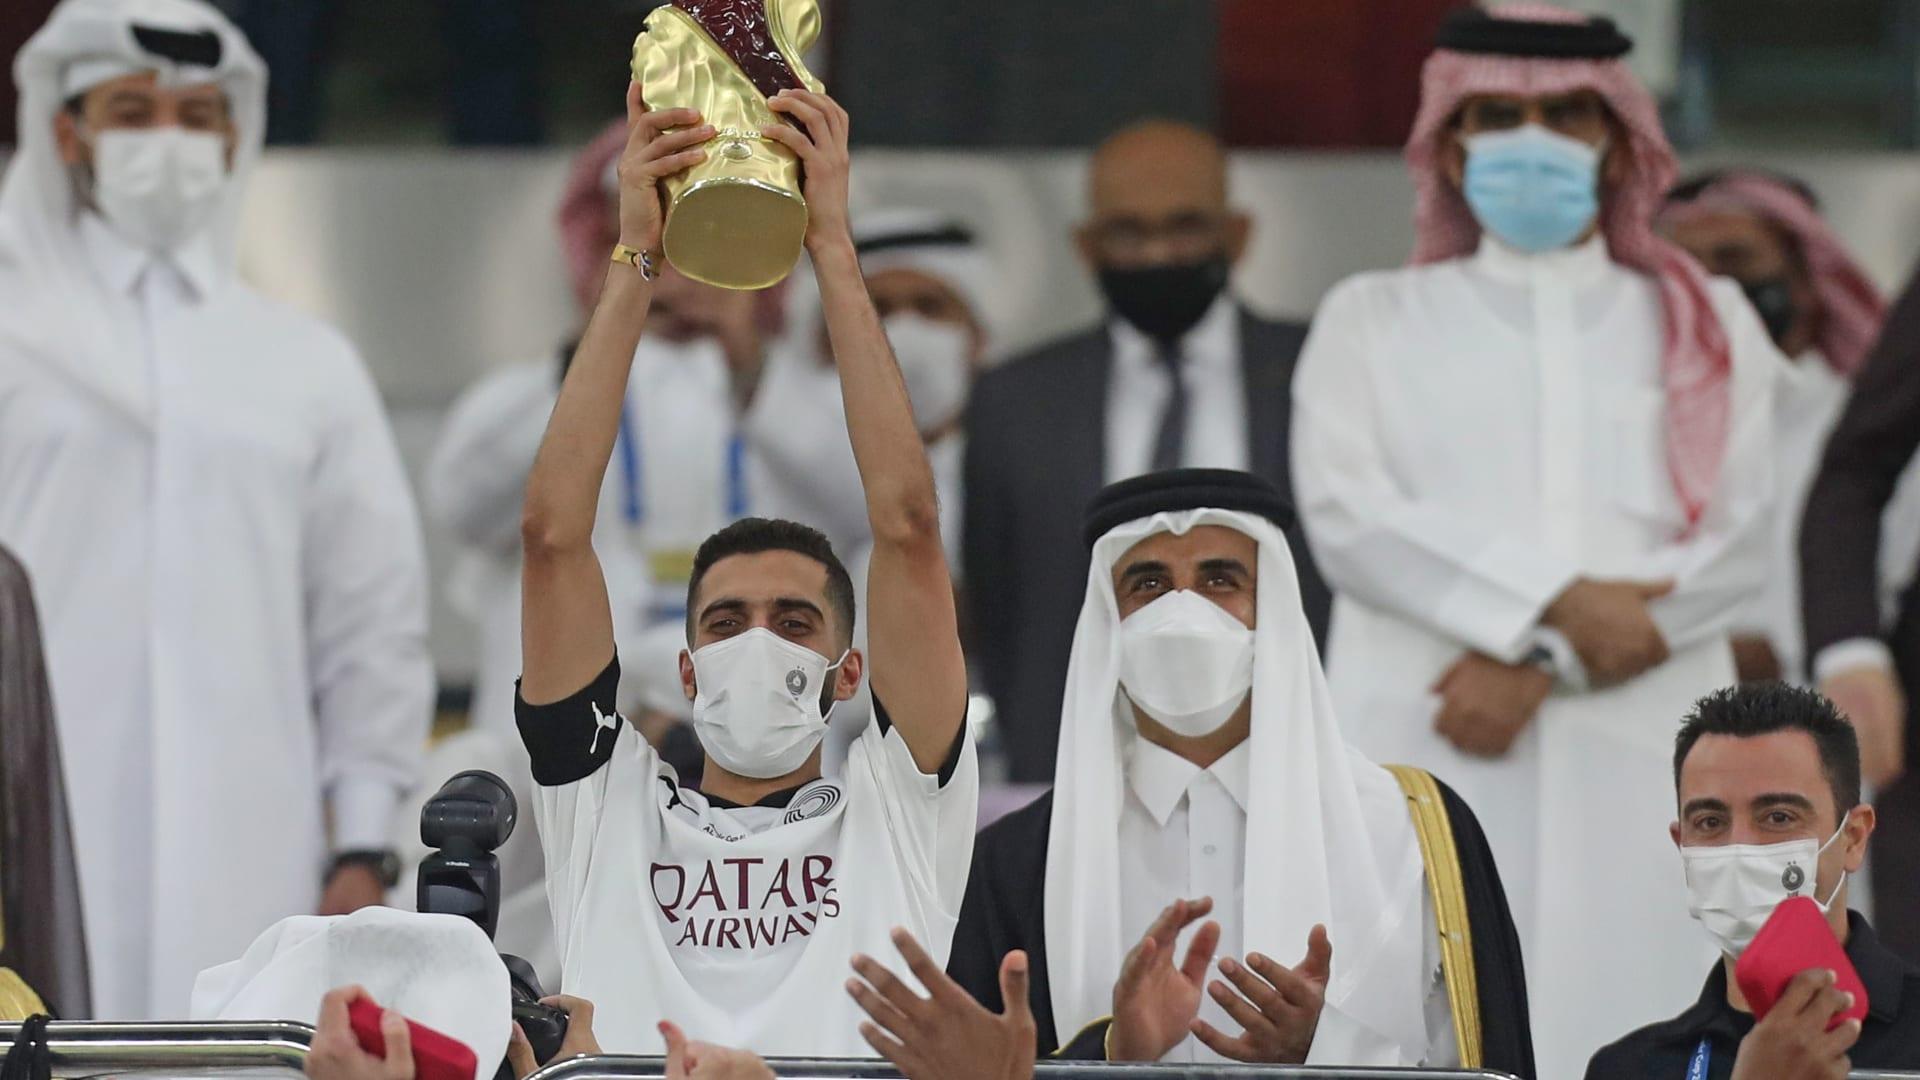 السد يُتوج بكأس أمير قطر للمرة الـ17 بحضور تميم بن حمد